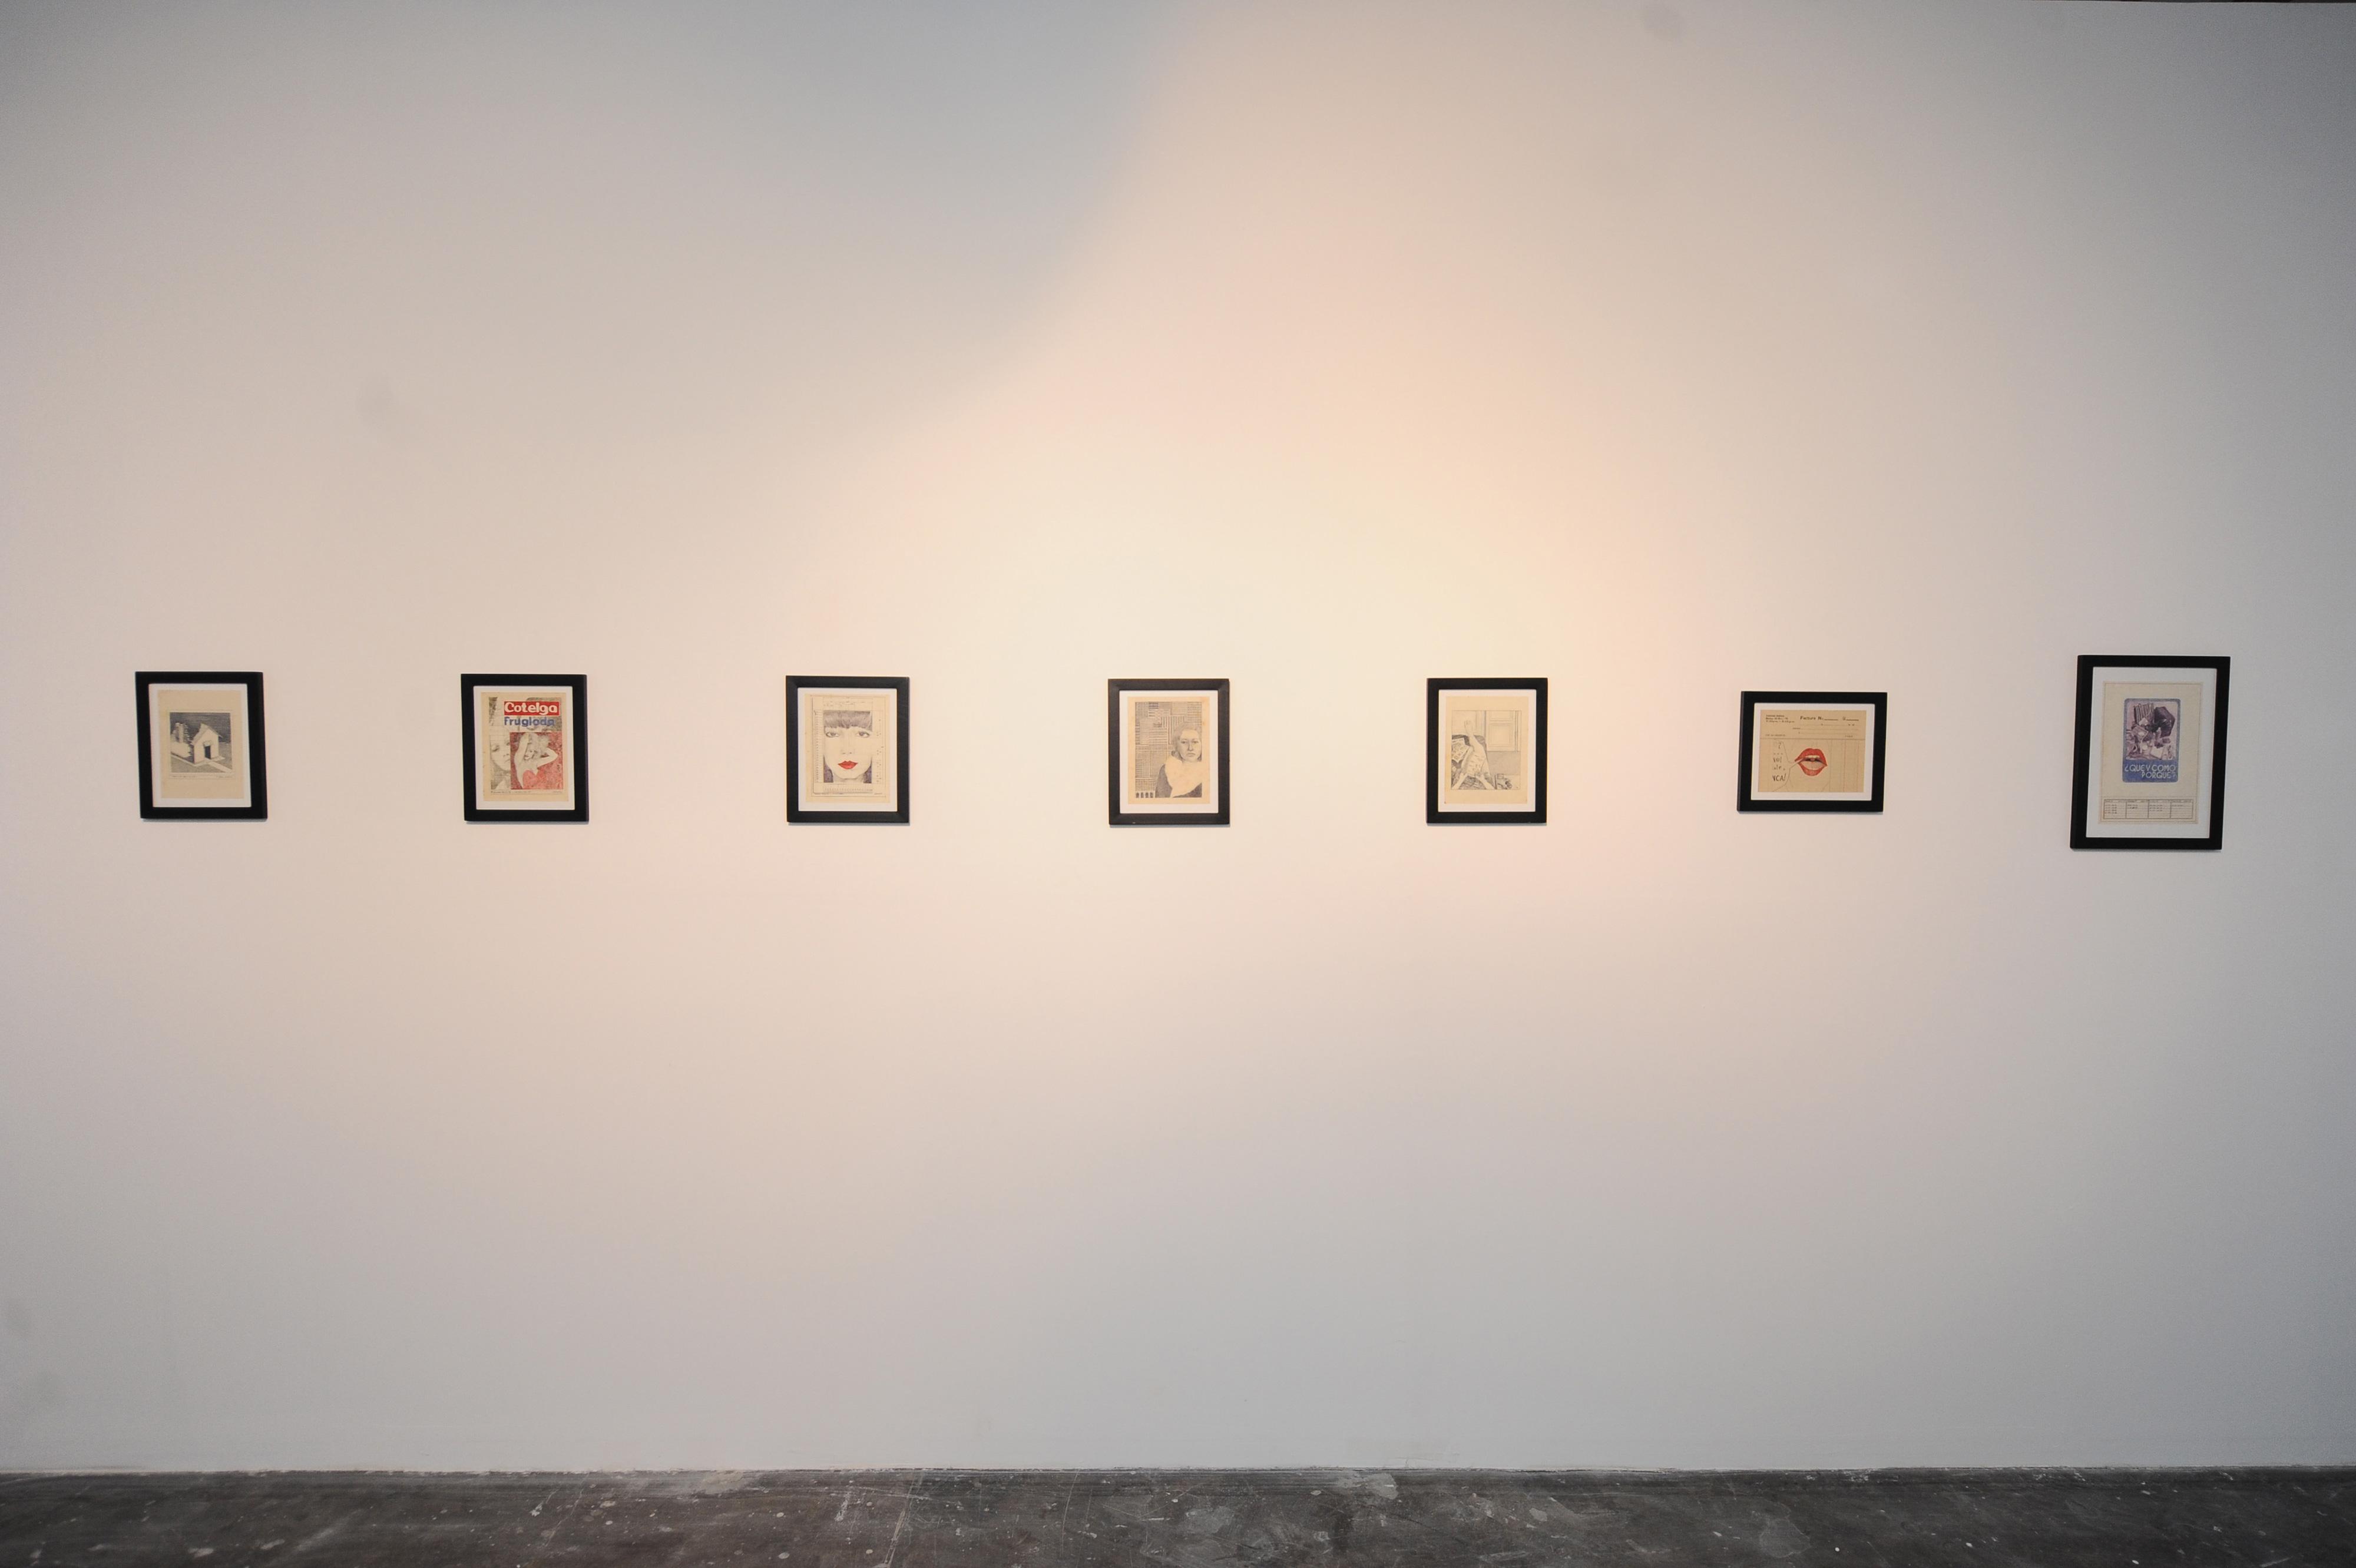 Galerie Barbara Thumm \ Estate Teresa Burga – 12th Istanbul Biennial – 2011